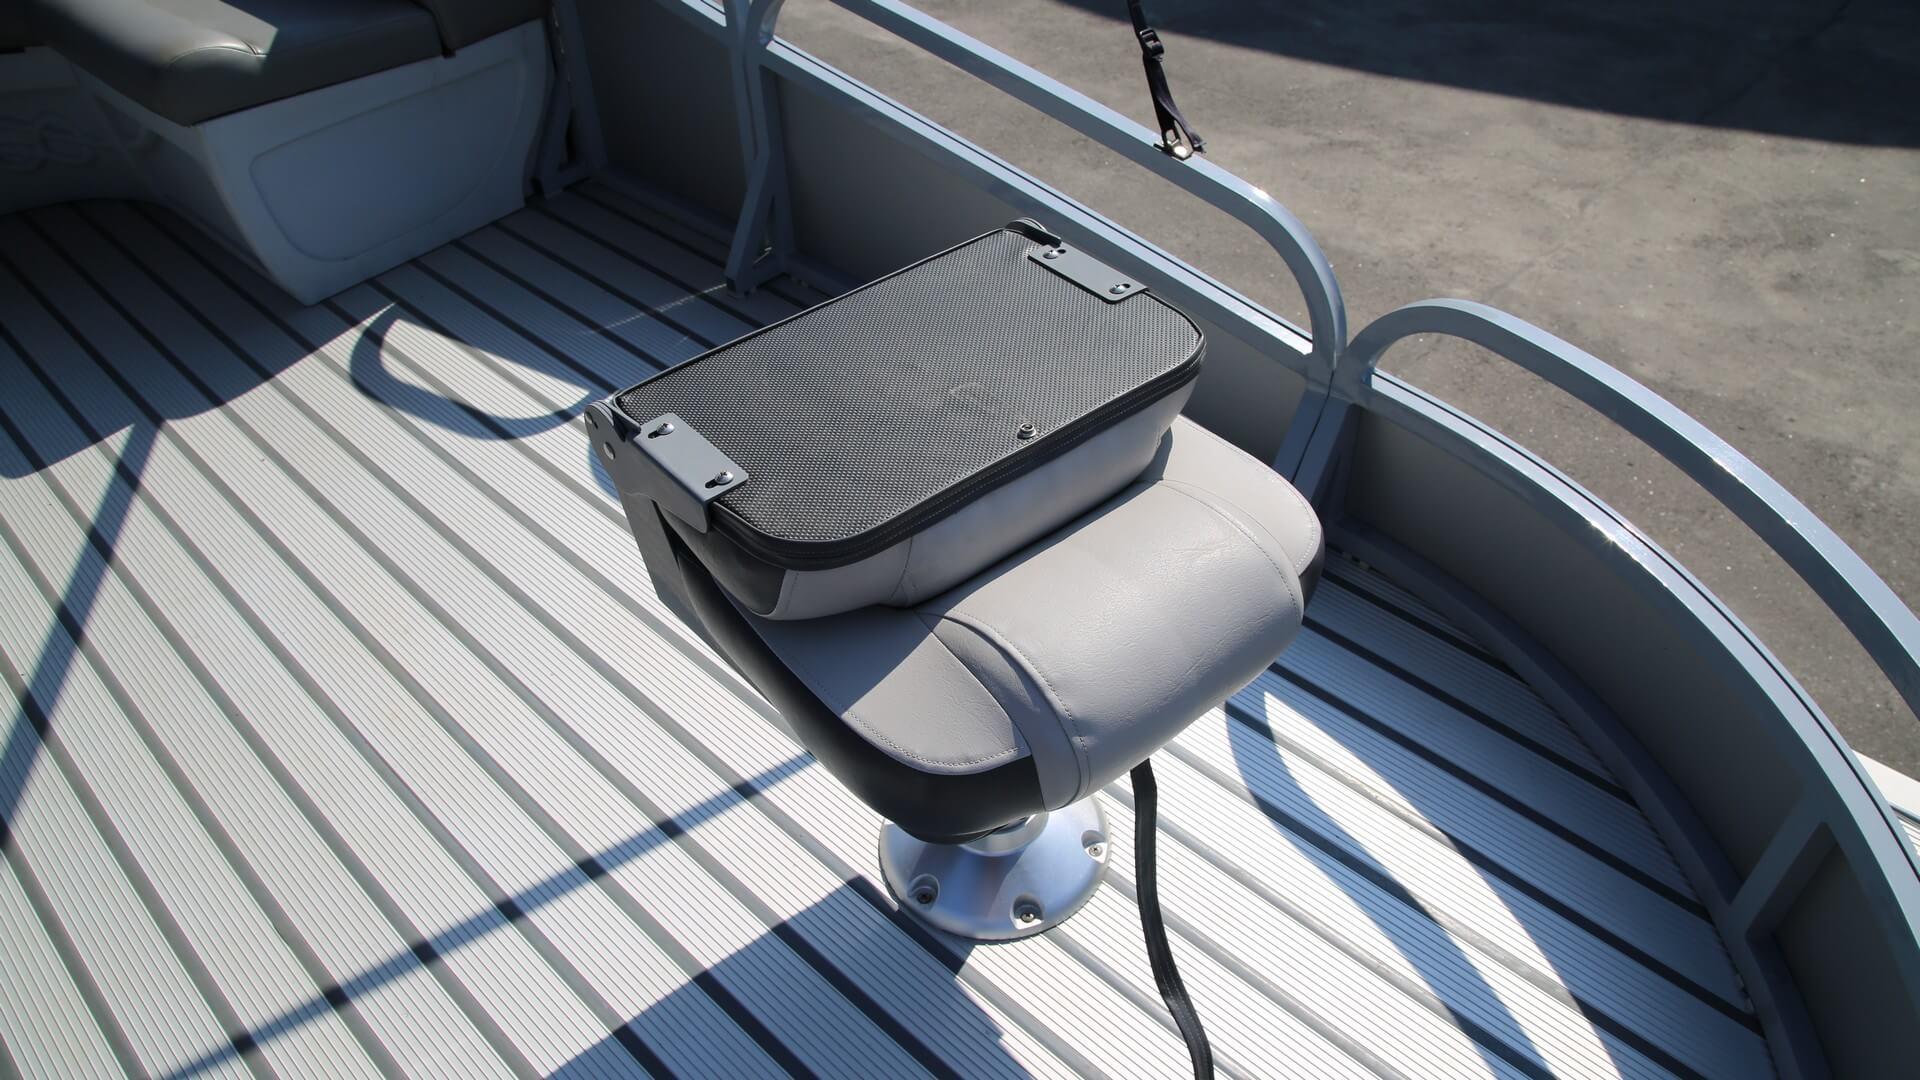 Понтонный катер KOLIBRI P-500F Fishing, Понтонный катер KOLIBRI P-500F, Понтонный катер KOLIBRI, Понтонный катер, Понтон, Катамаран, KOLIBRI, понтонний катер, понтон алюминиевый